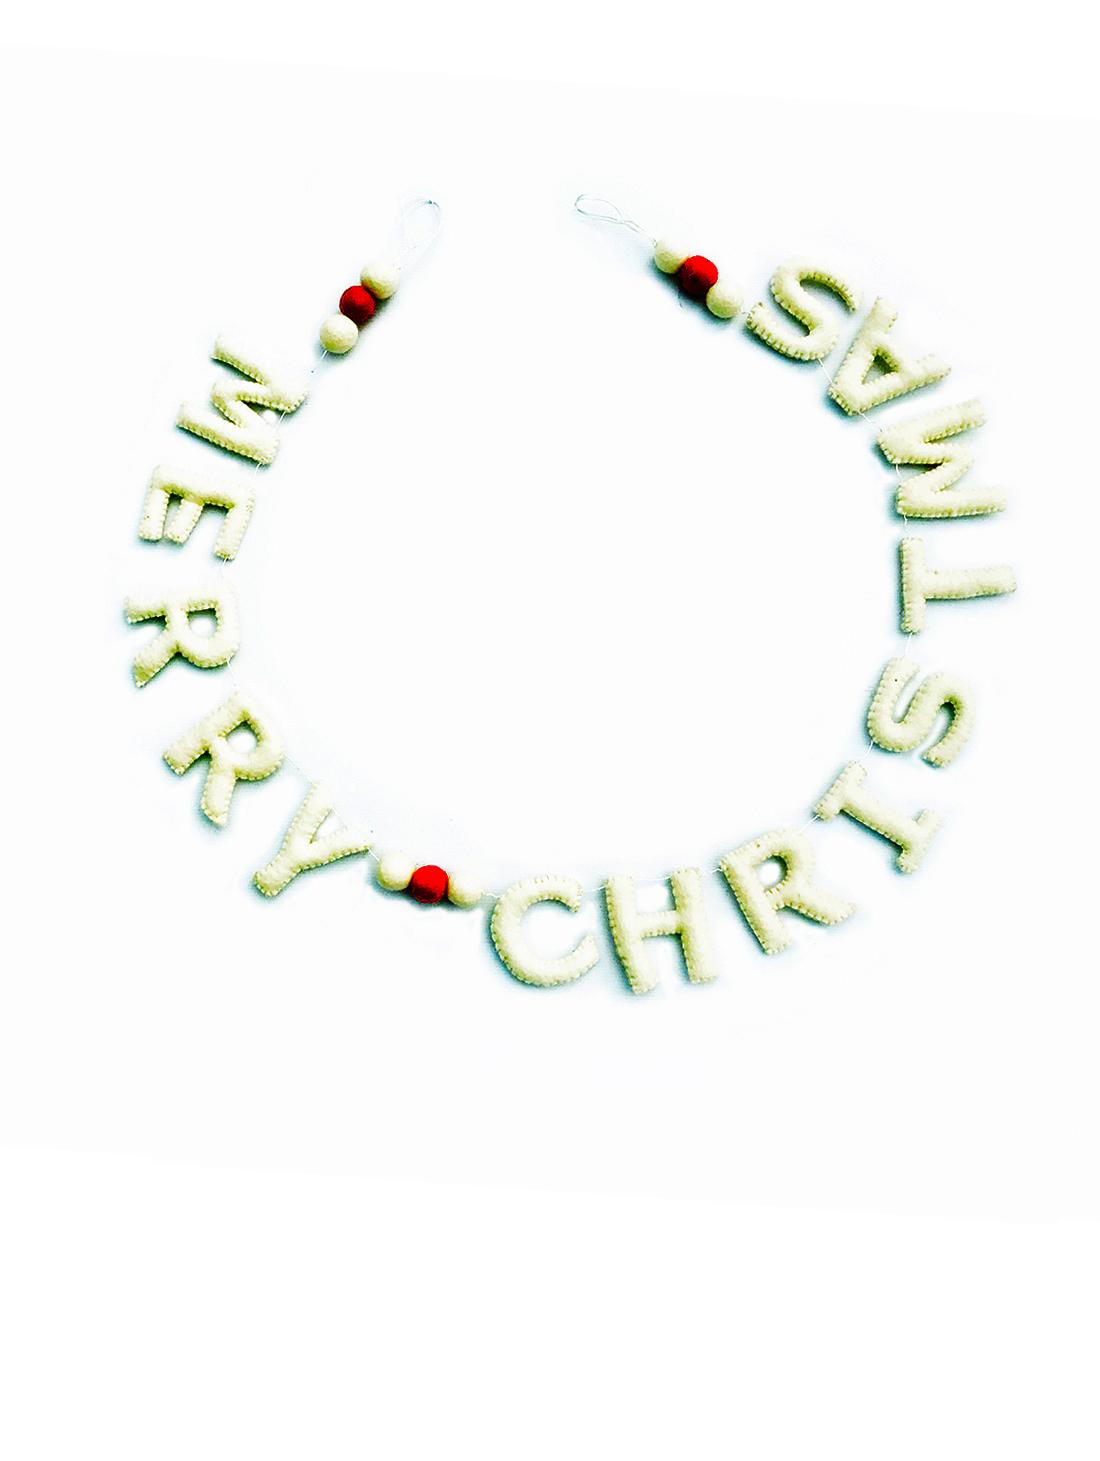 Merry Christmas Banner M.V.S.E.B -F-021